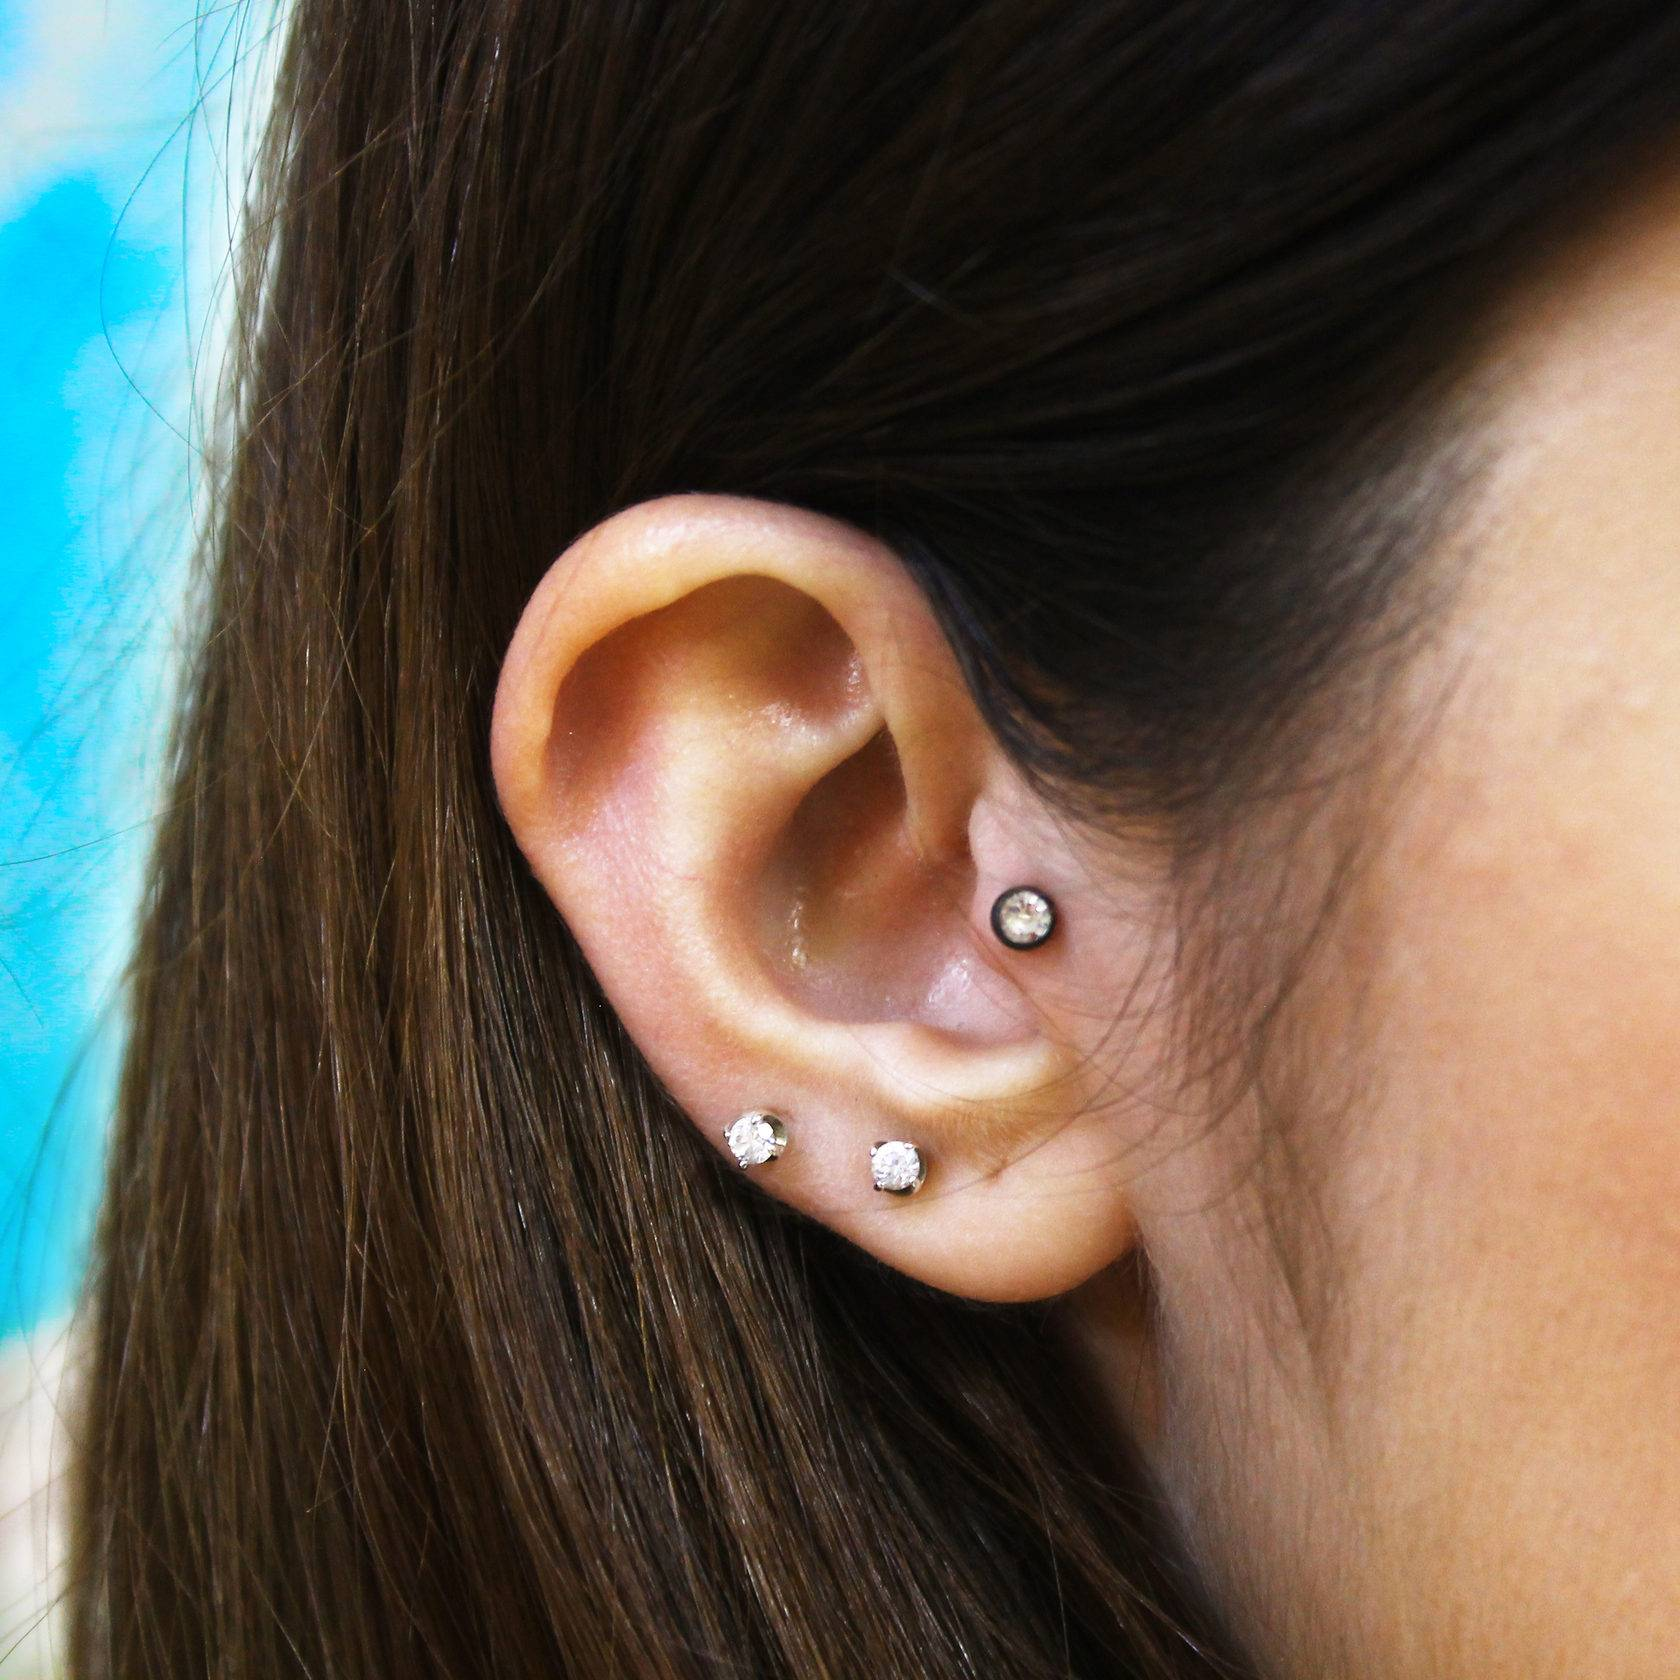 Пирсинг уха: виды проколов и сережек для ушей, особенности ухода